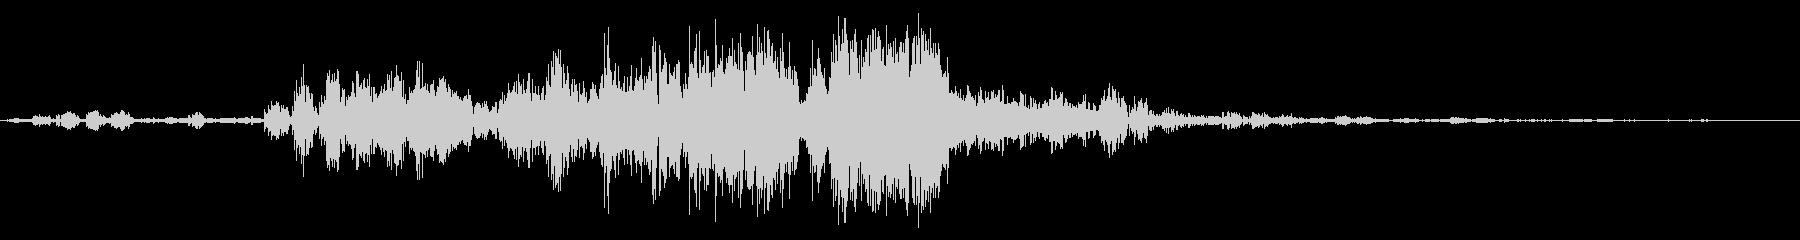 サブアトミックチャンバースライドオ...の未再生の波形